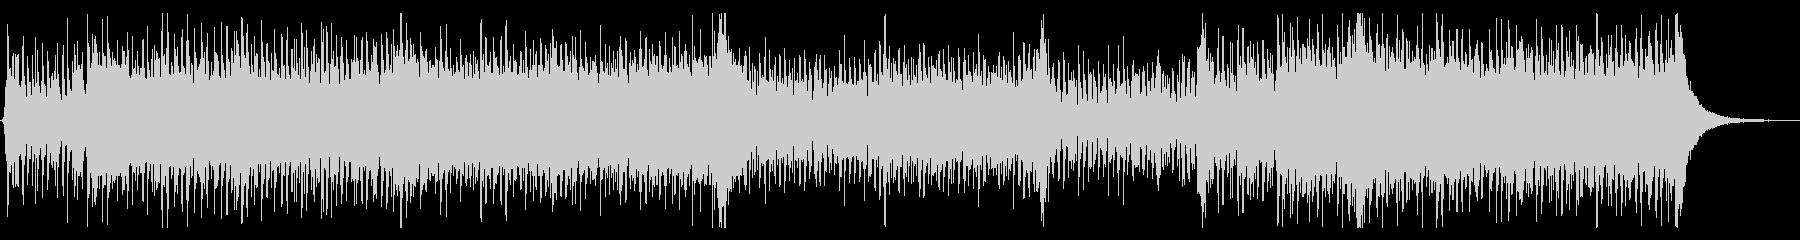 スラップベースと和太鼓の未再生の波形